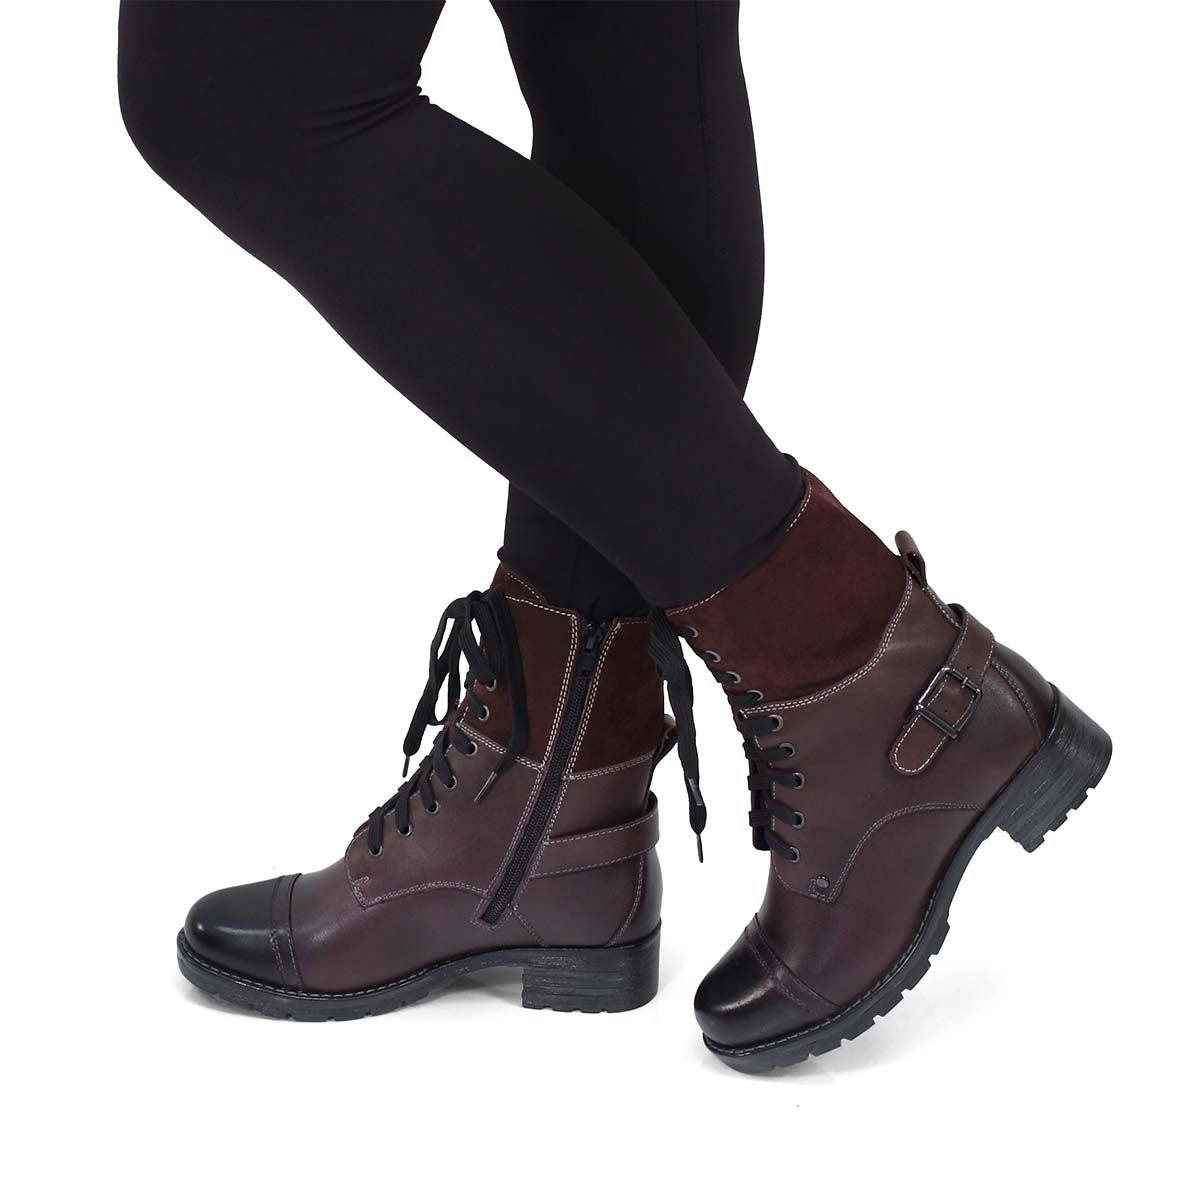 Lds Deedee 2 burgundy combat boot